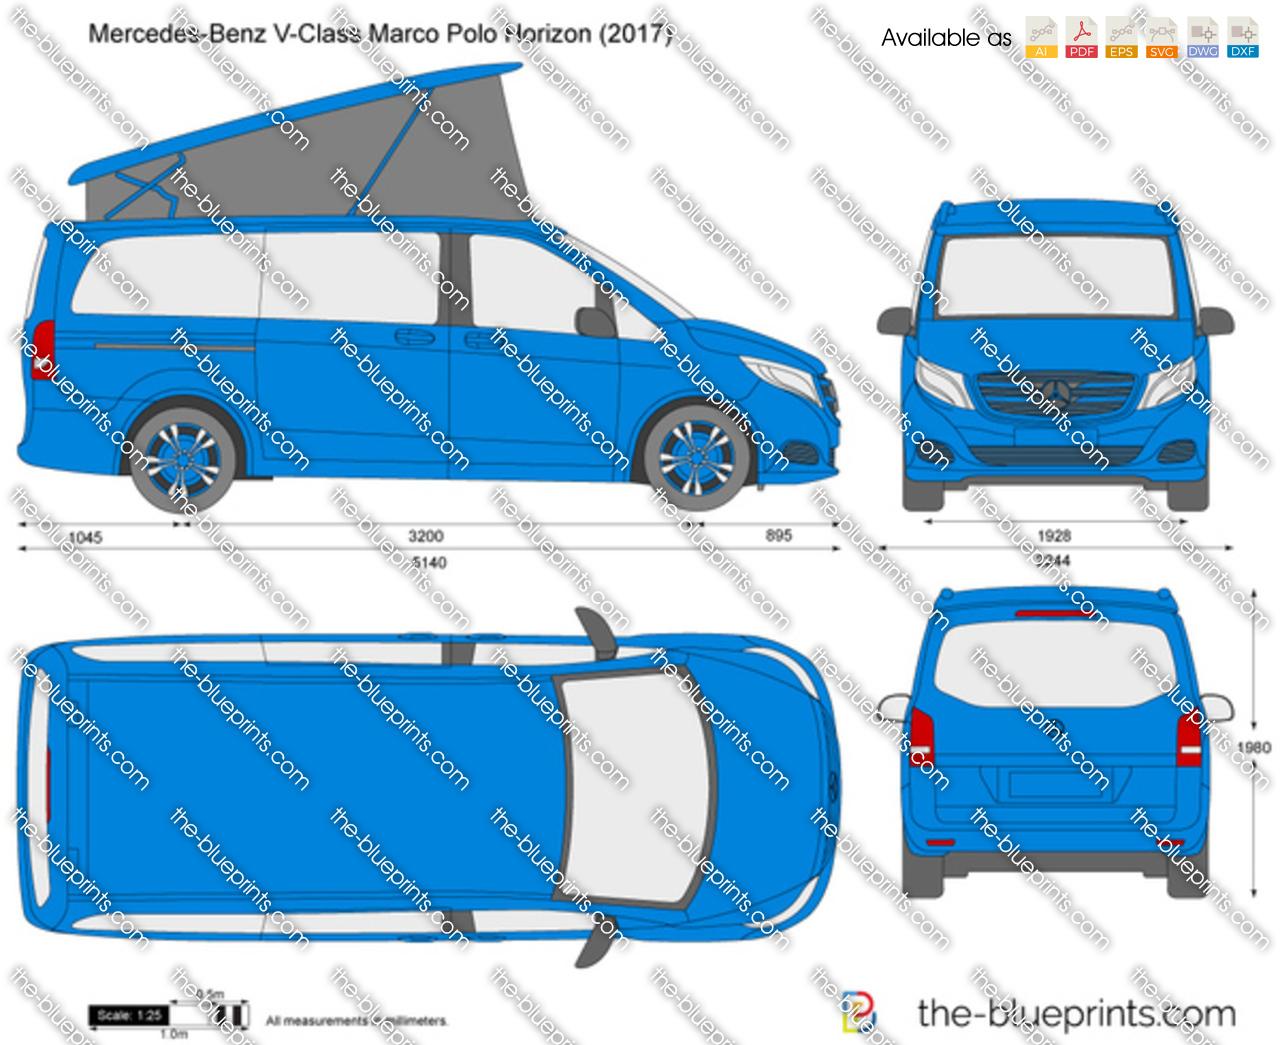 Mercedes-Benz V-Class Marco Polo Horizon